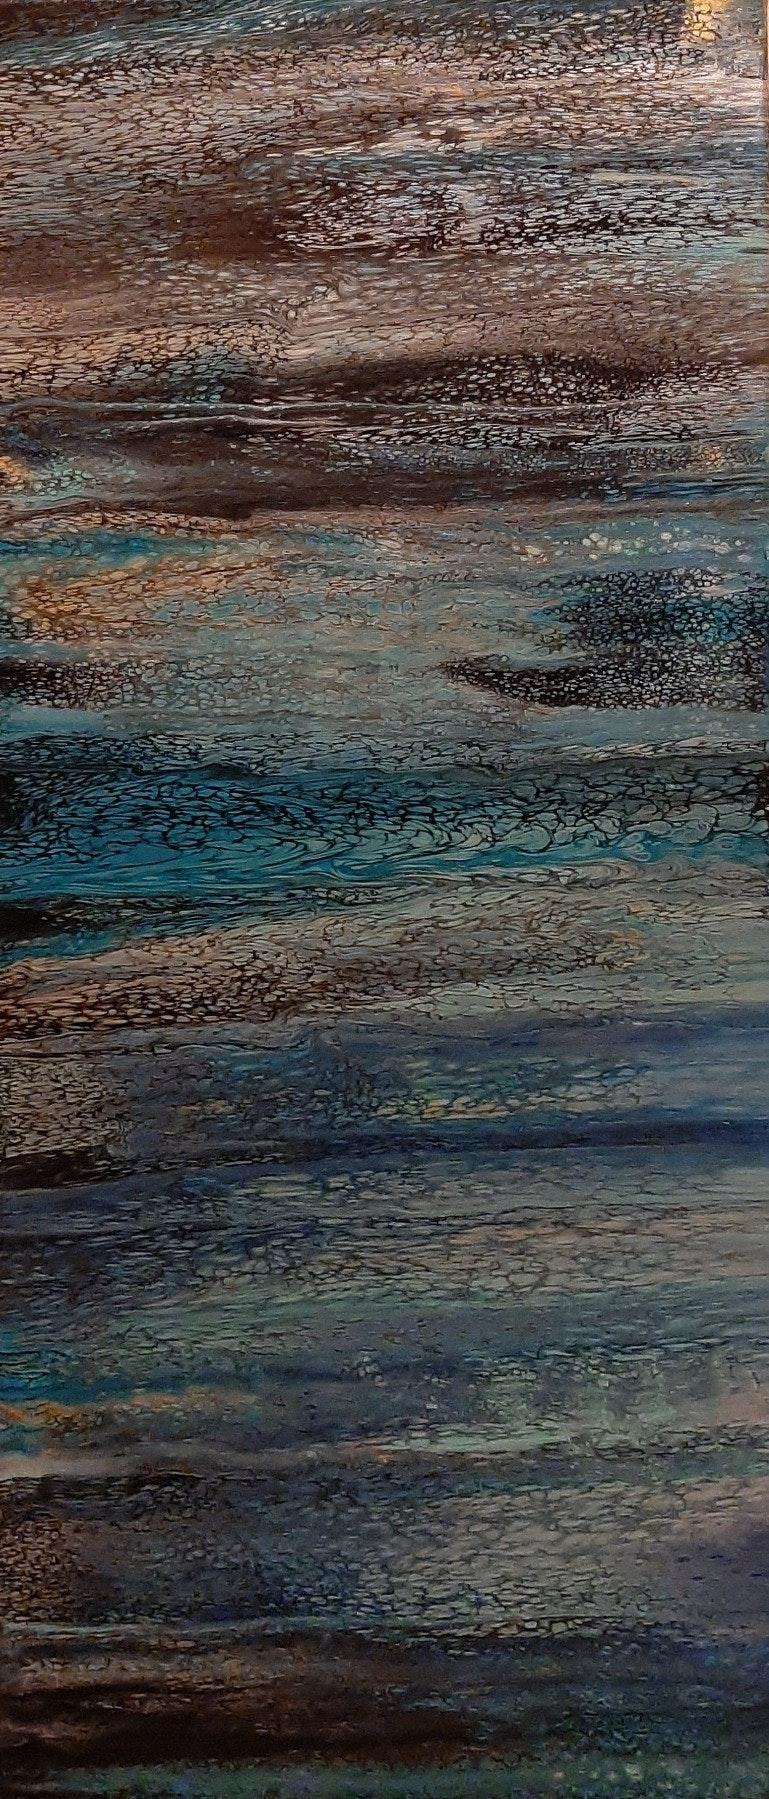 Dreamy water